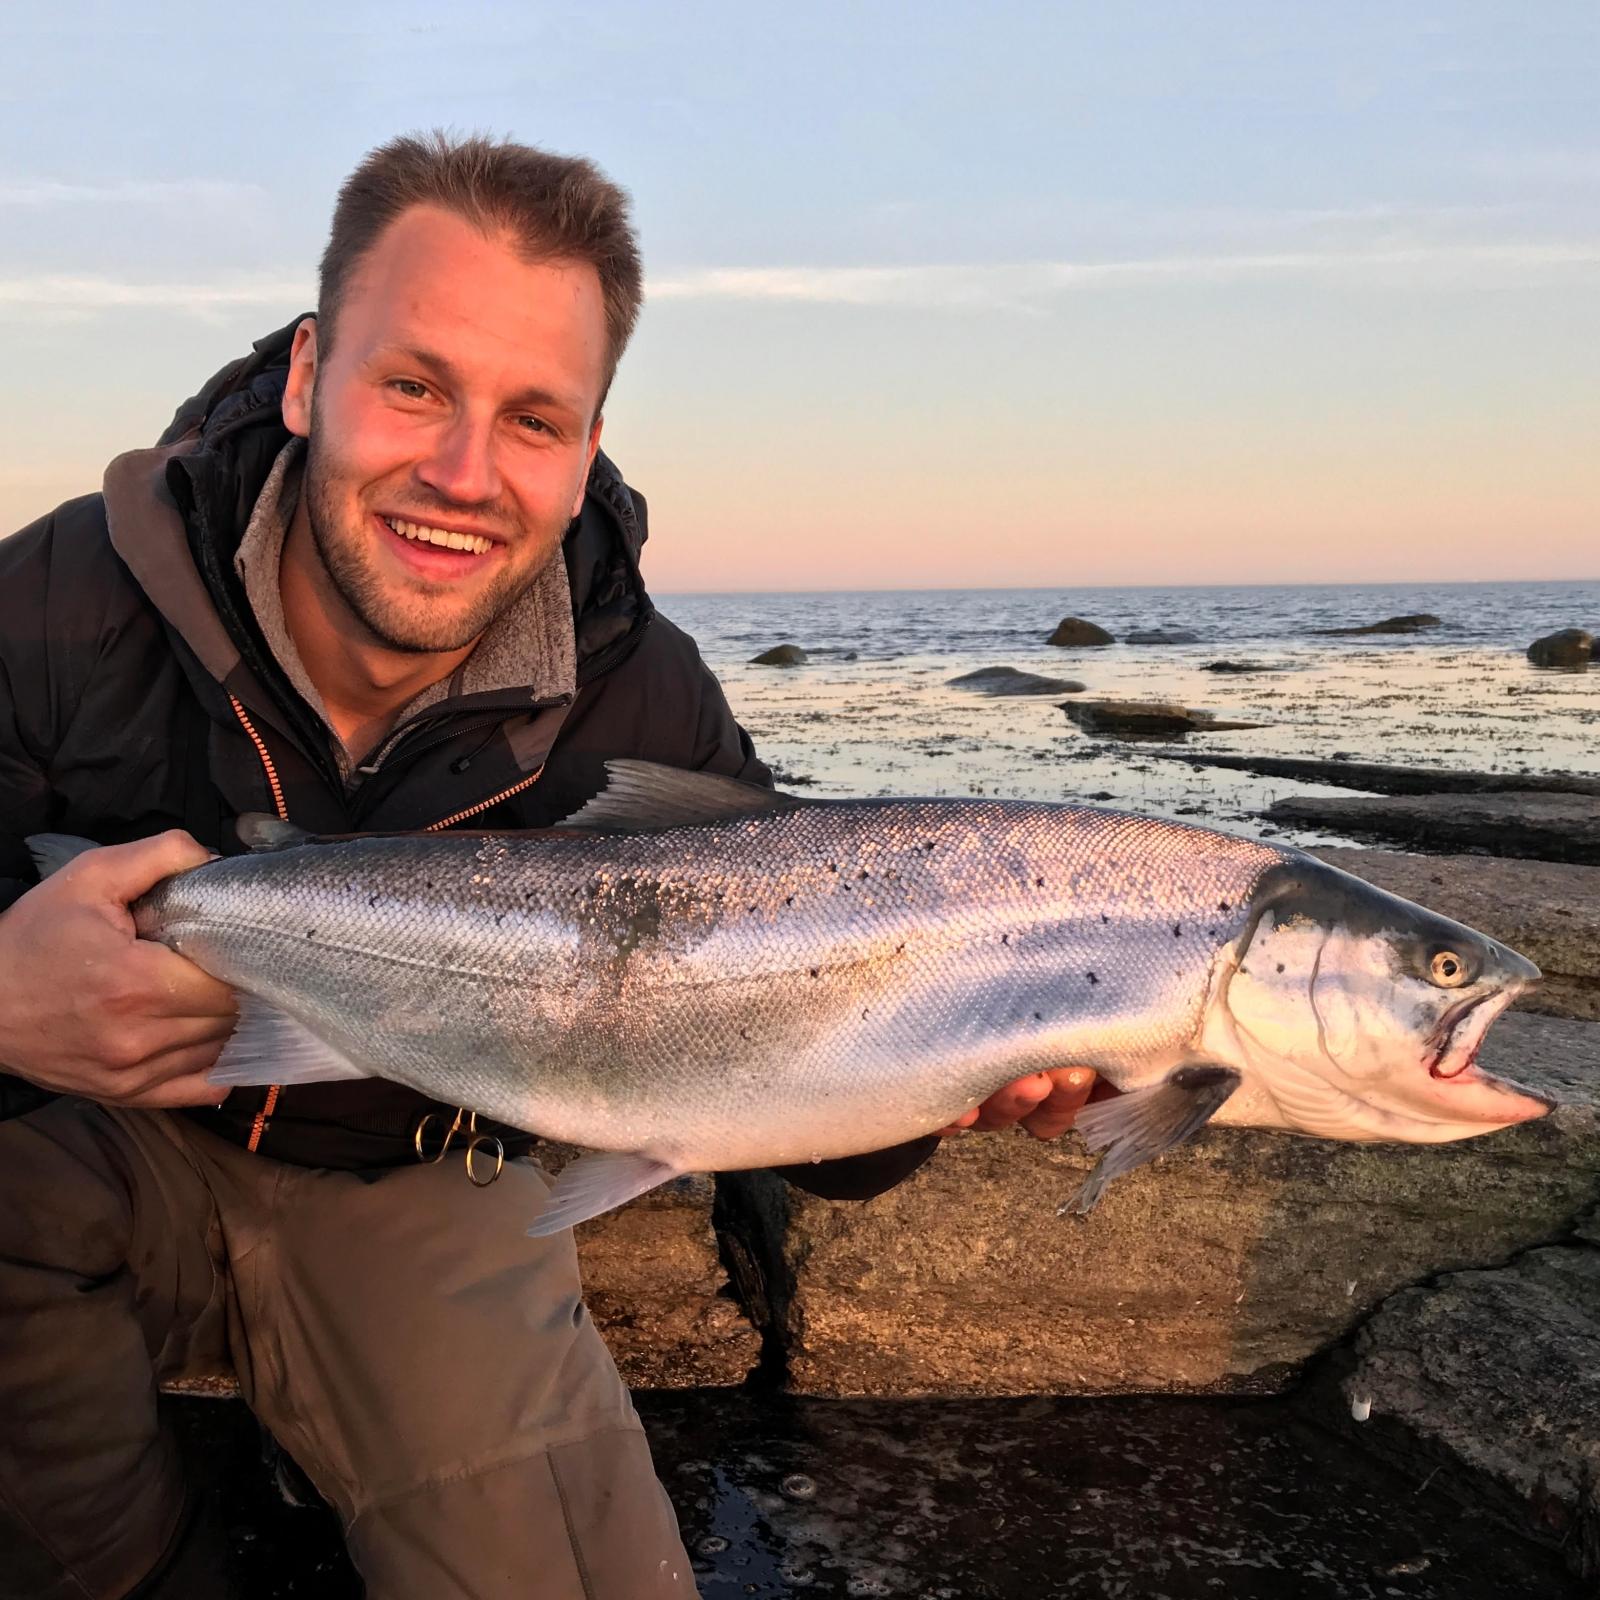 Havørred på 67 cm og 3.70 kg fra Sverige, Udlandet -  fanget på Sømmet - 16g # 7288